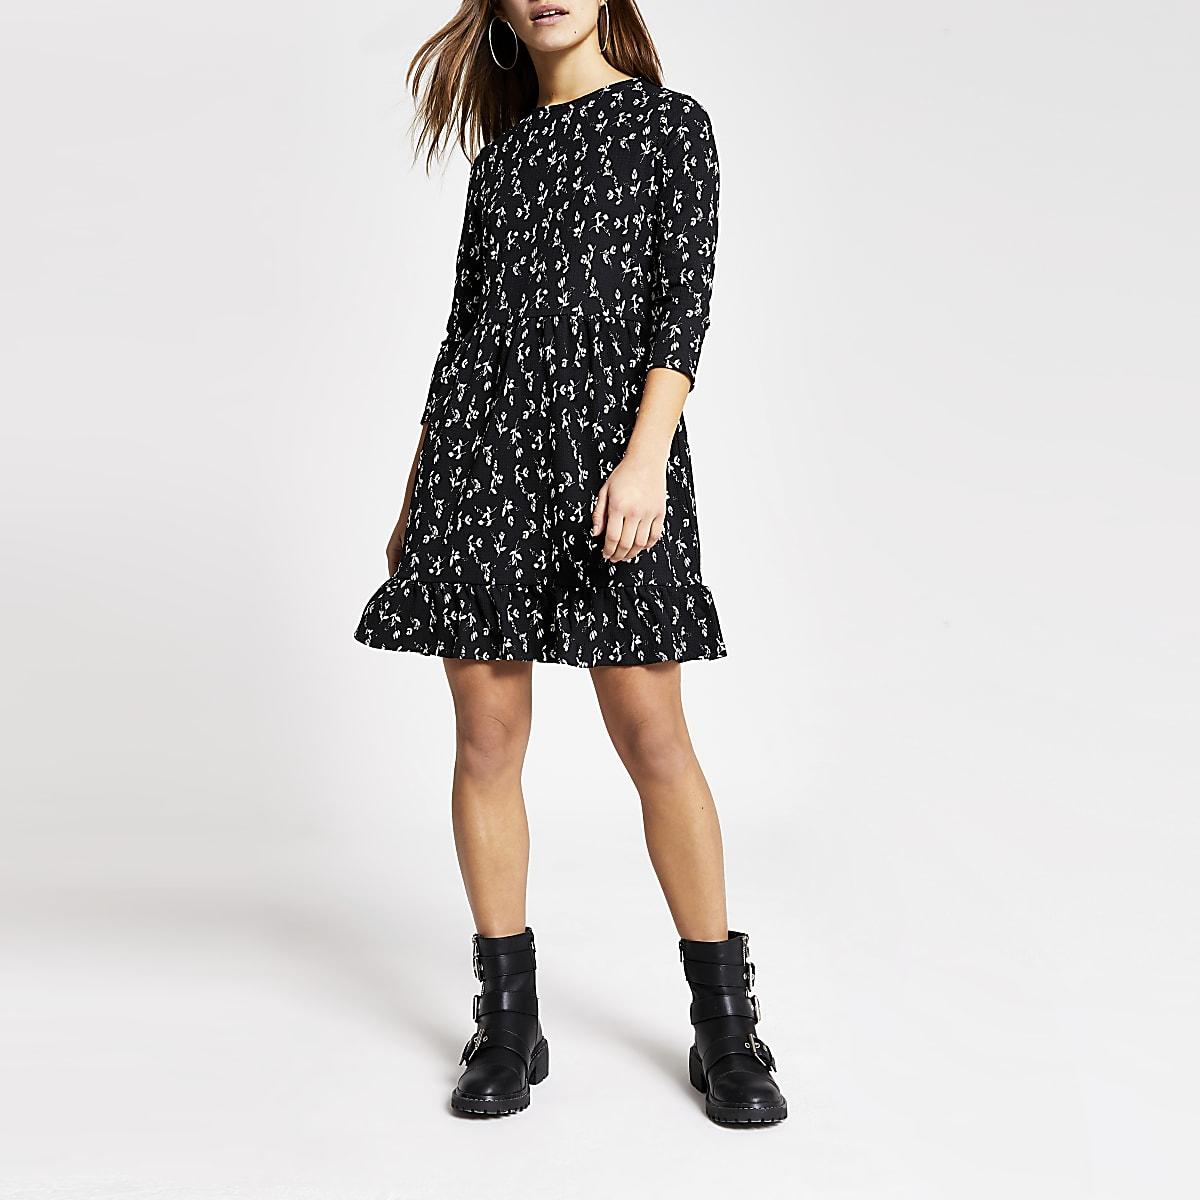 Petite black floral mini smock dress